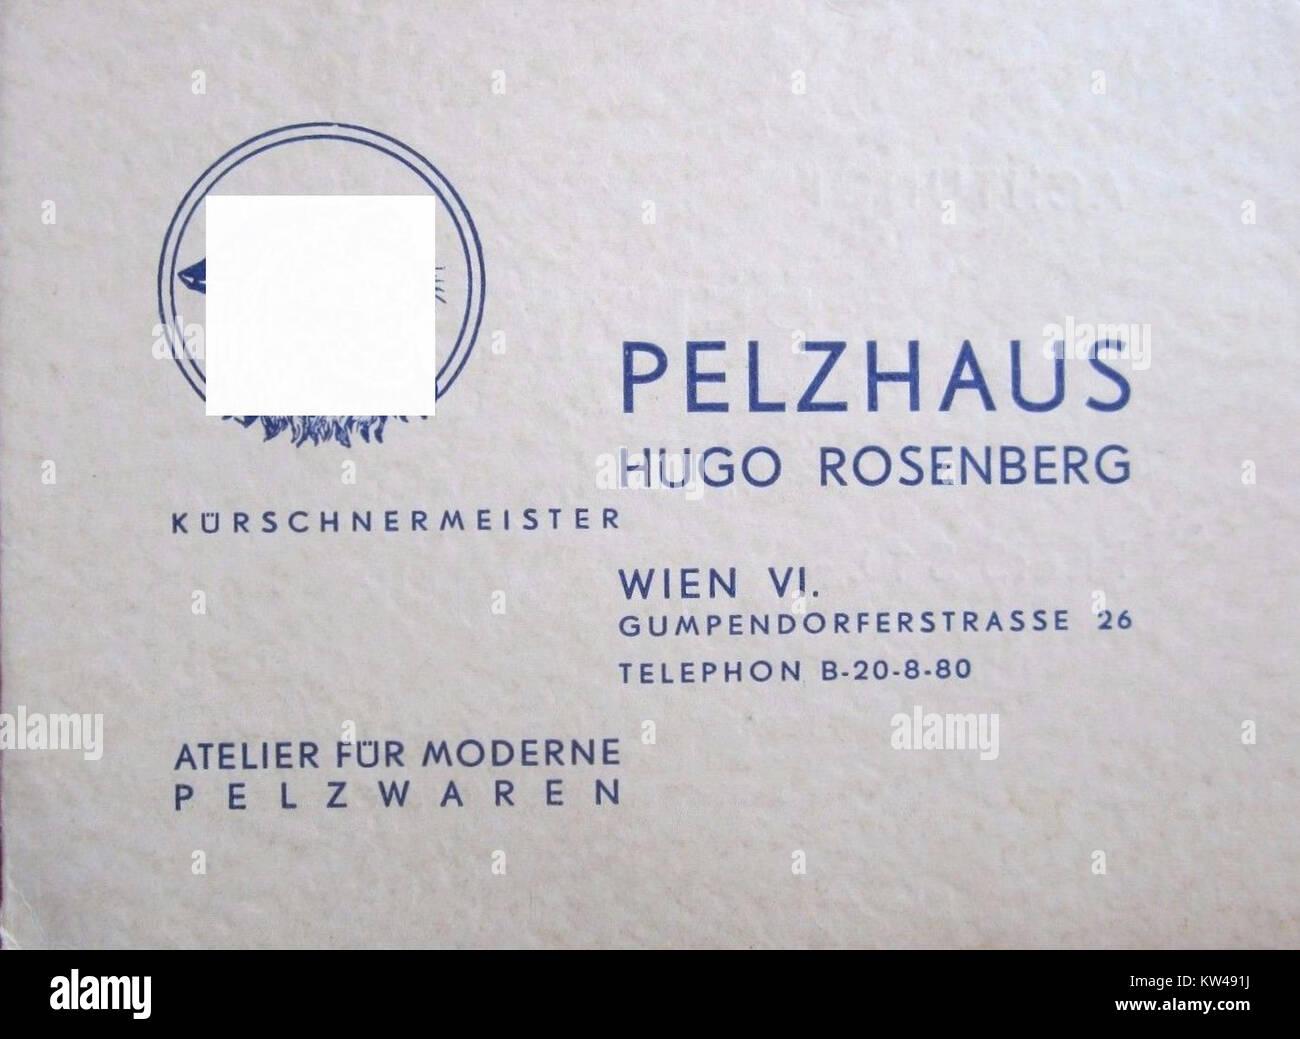 Pelzhaus Hugo Rosenberg Wien Vi Visitenkarte 01 Stock